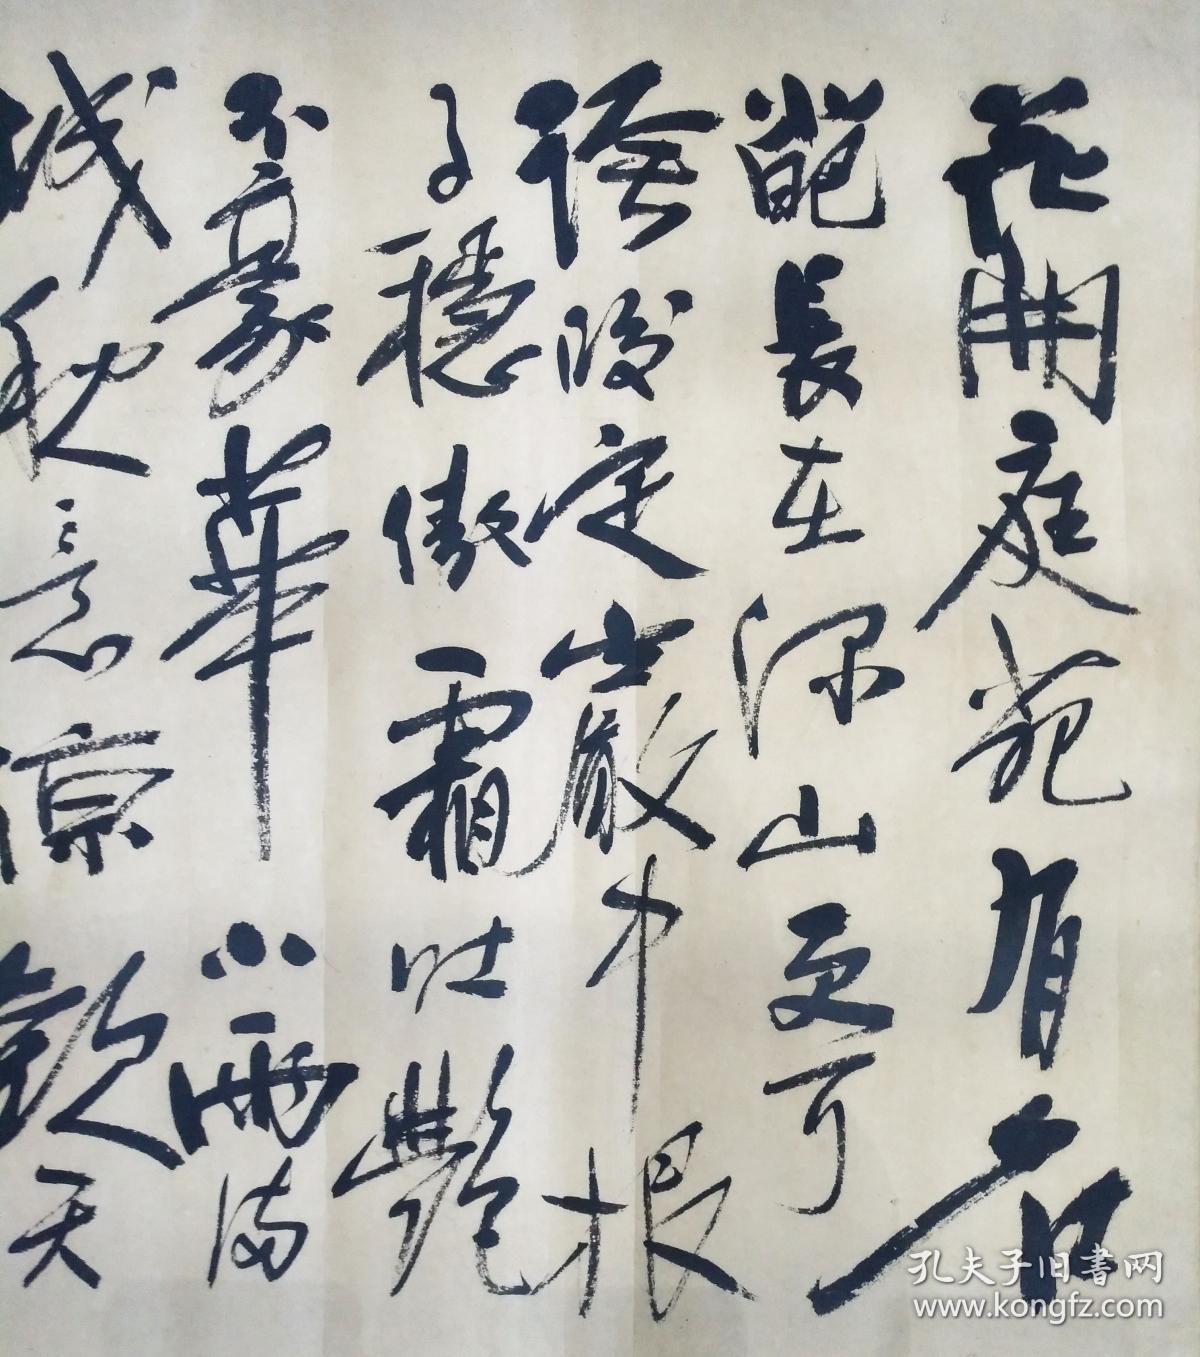 精品 重庆万州著名书法家 余仲九 书法 花开庭苑有名葩图片